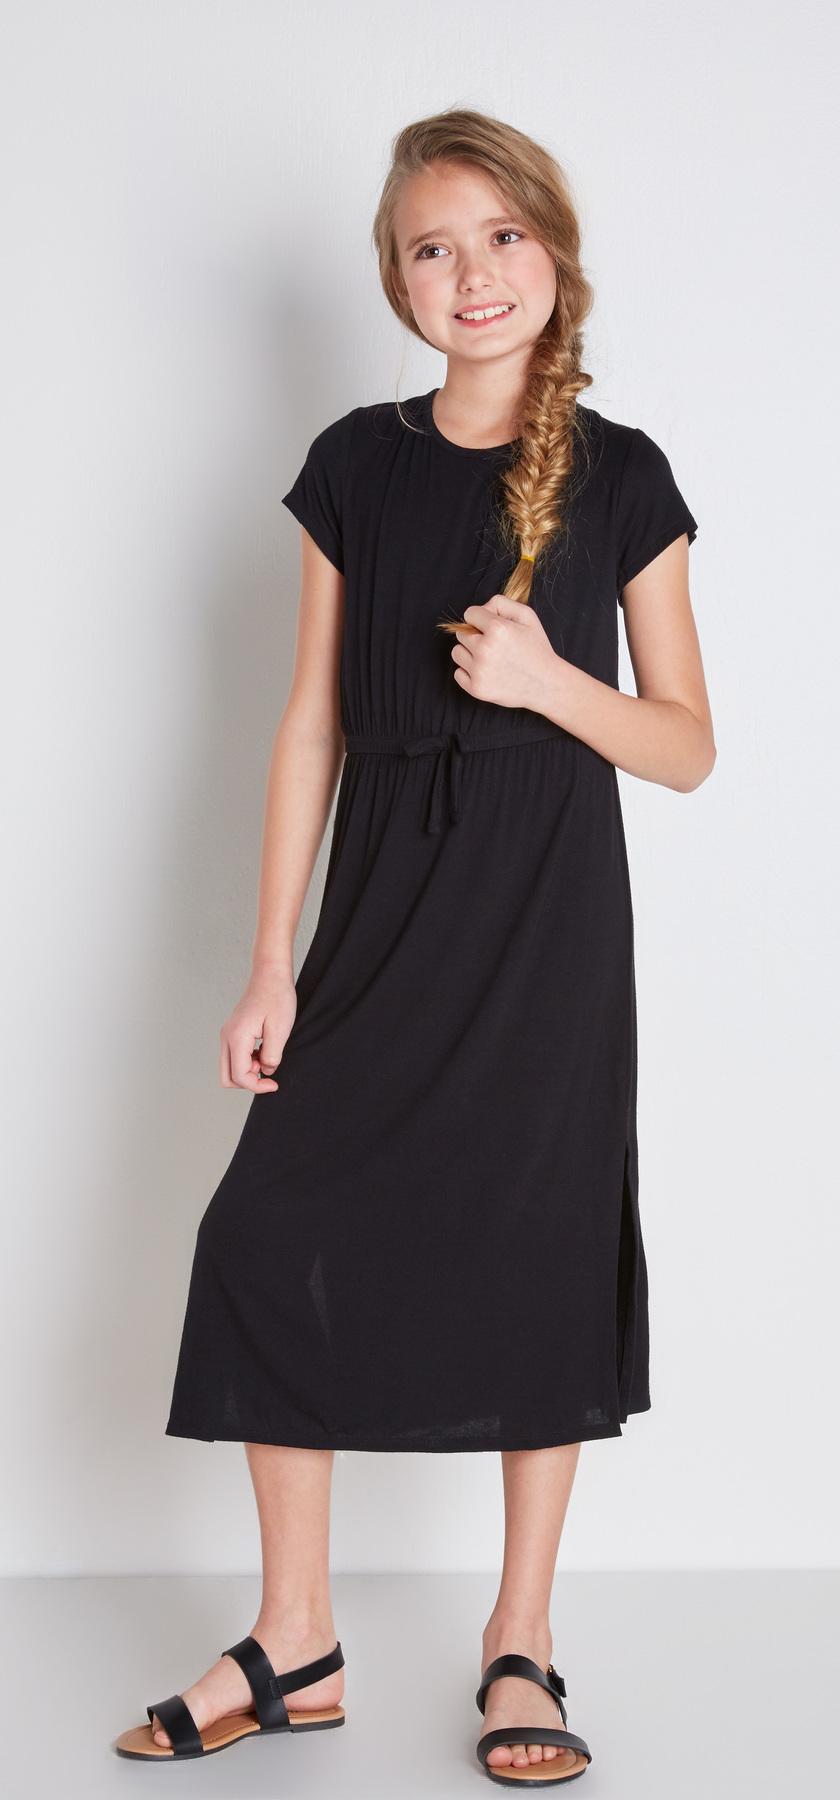 Black midi t shirt dress outfit fabkids for Midi shirt dress black